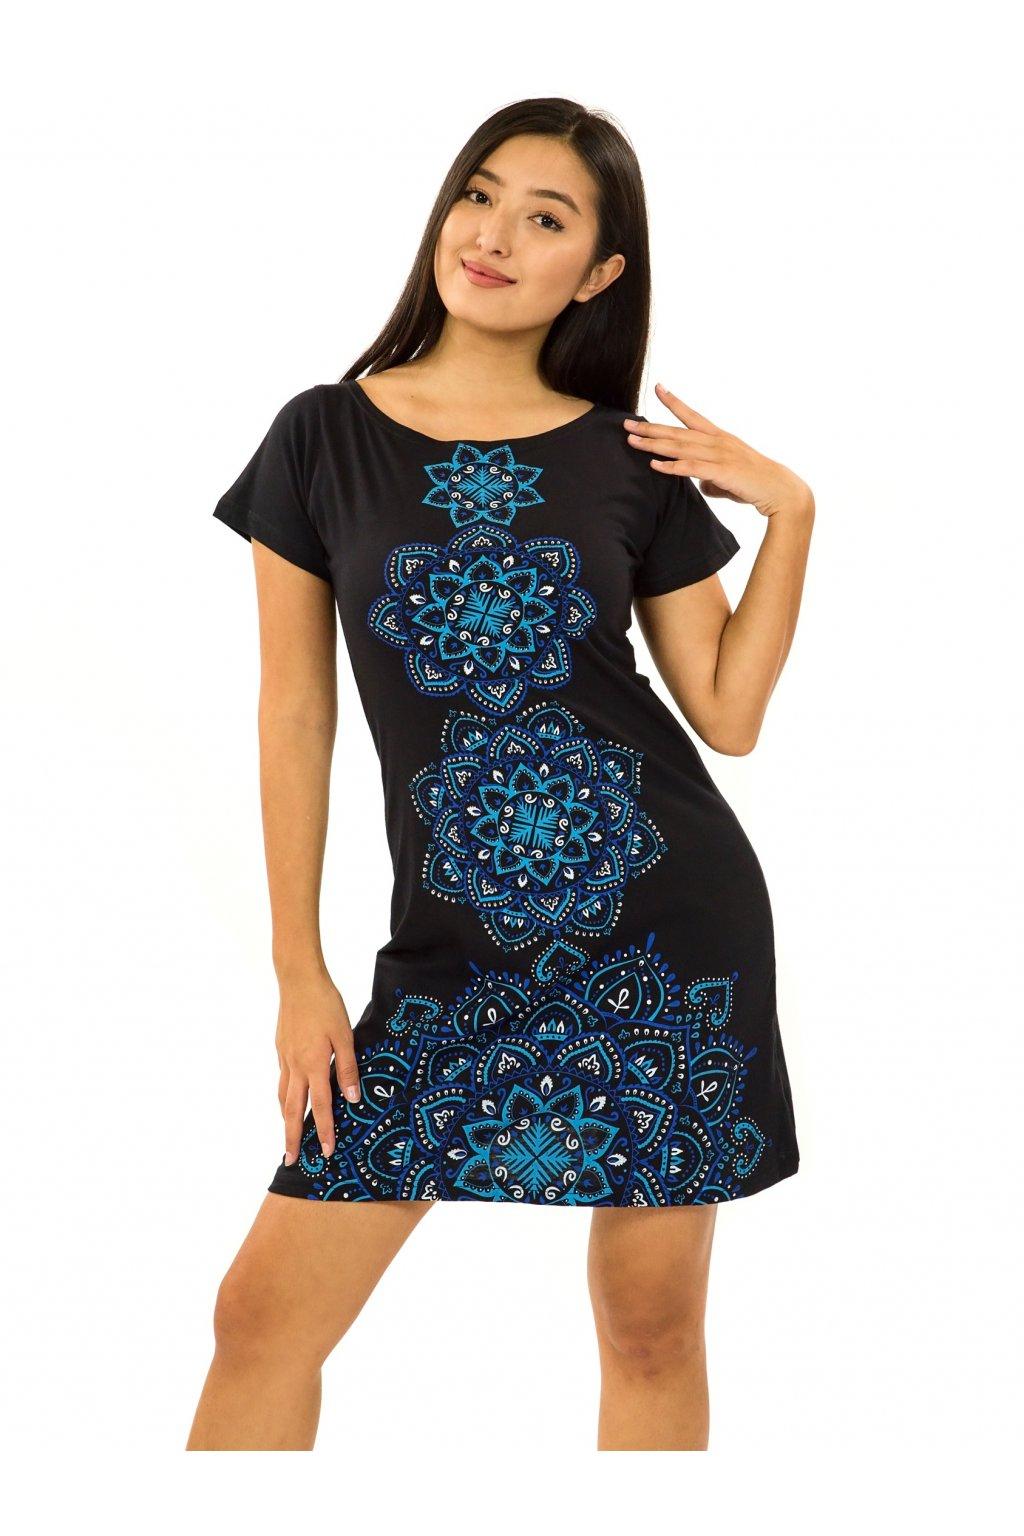 Šaty s krátkým rukávem Amavi - černá s modrou